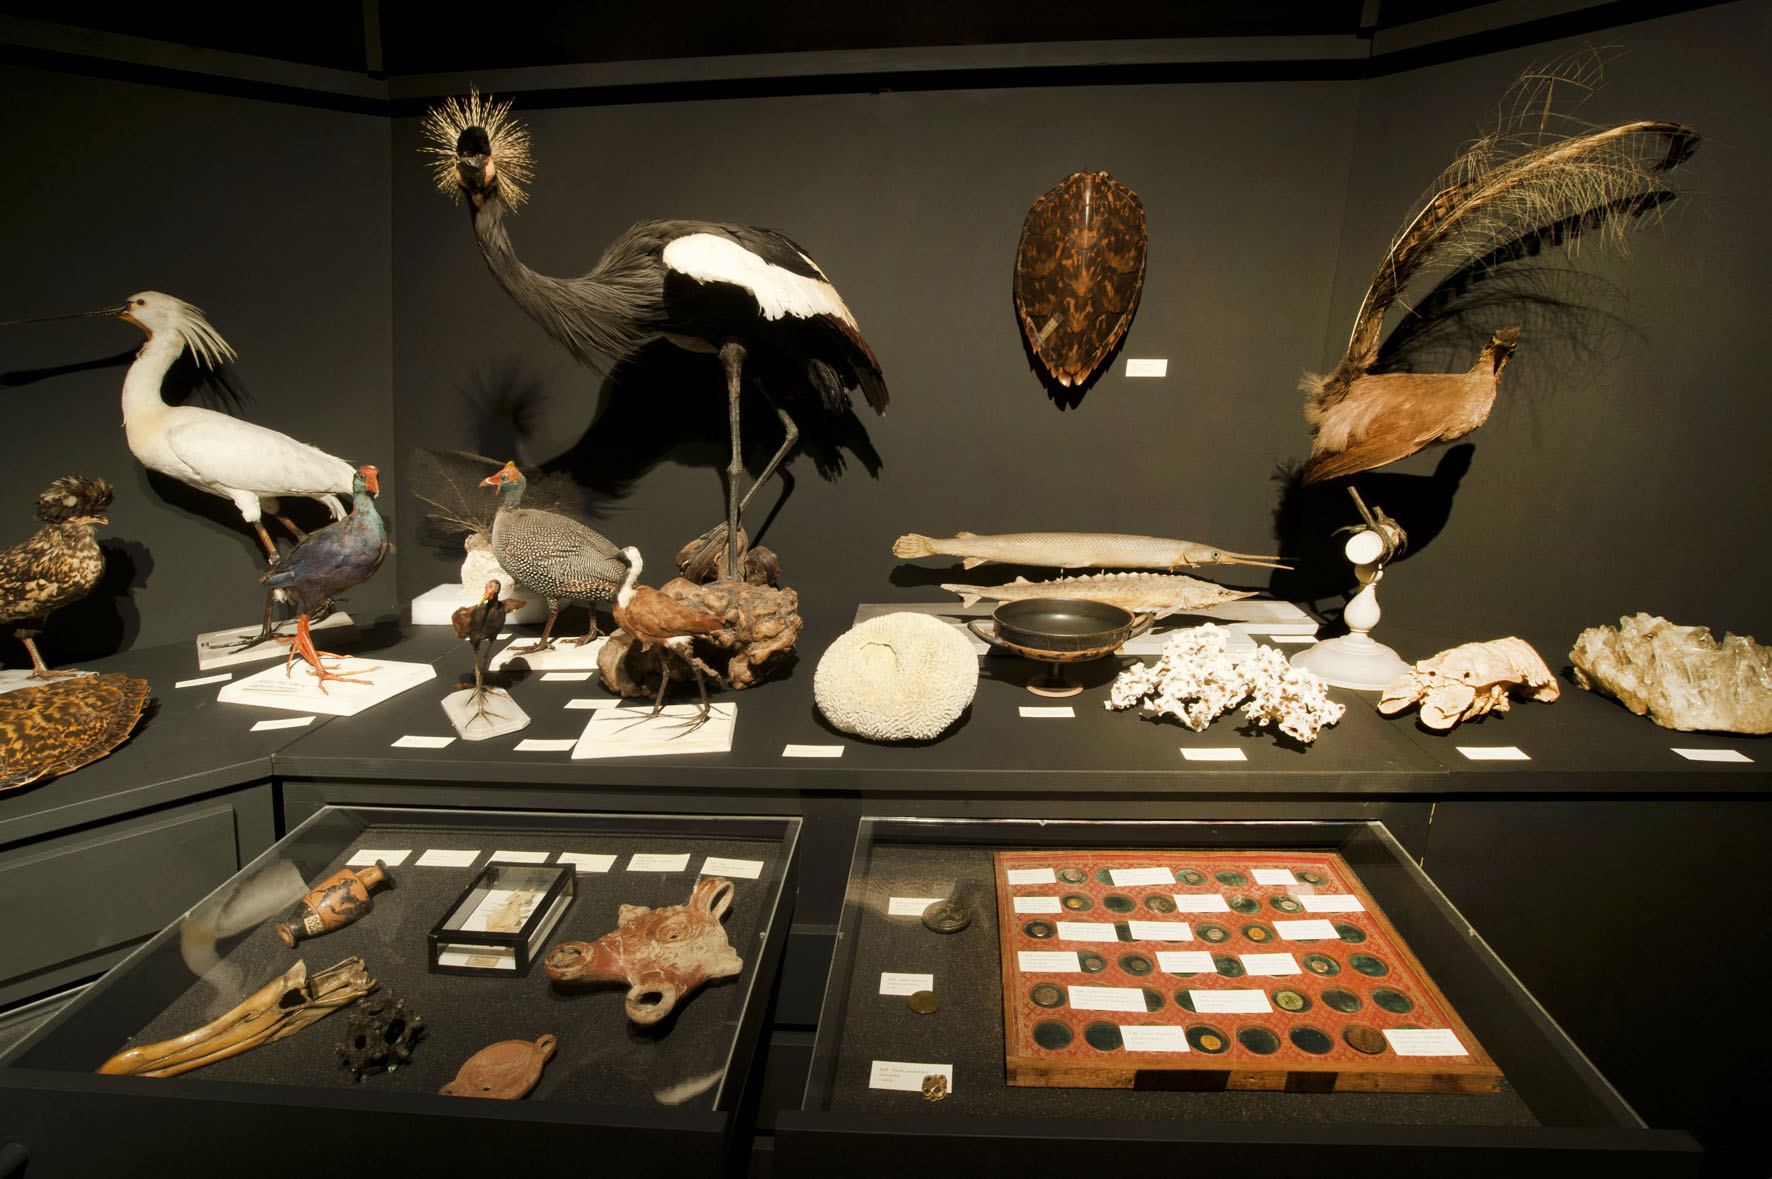 Art contemporain et cabinets de curiosit s espace mend s france culture m diation - Cabinet de curiosite contemporain ...